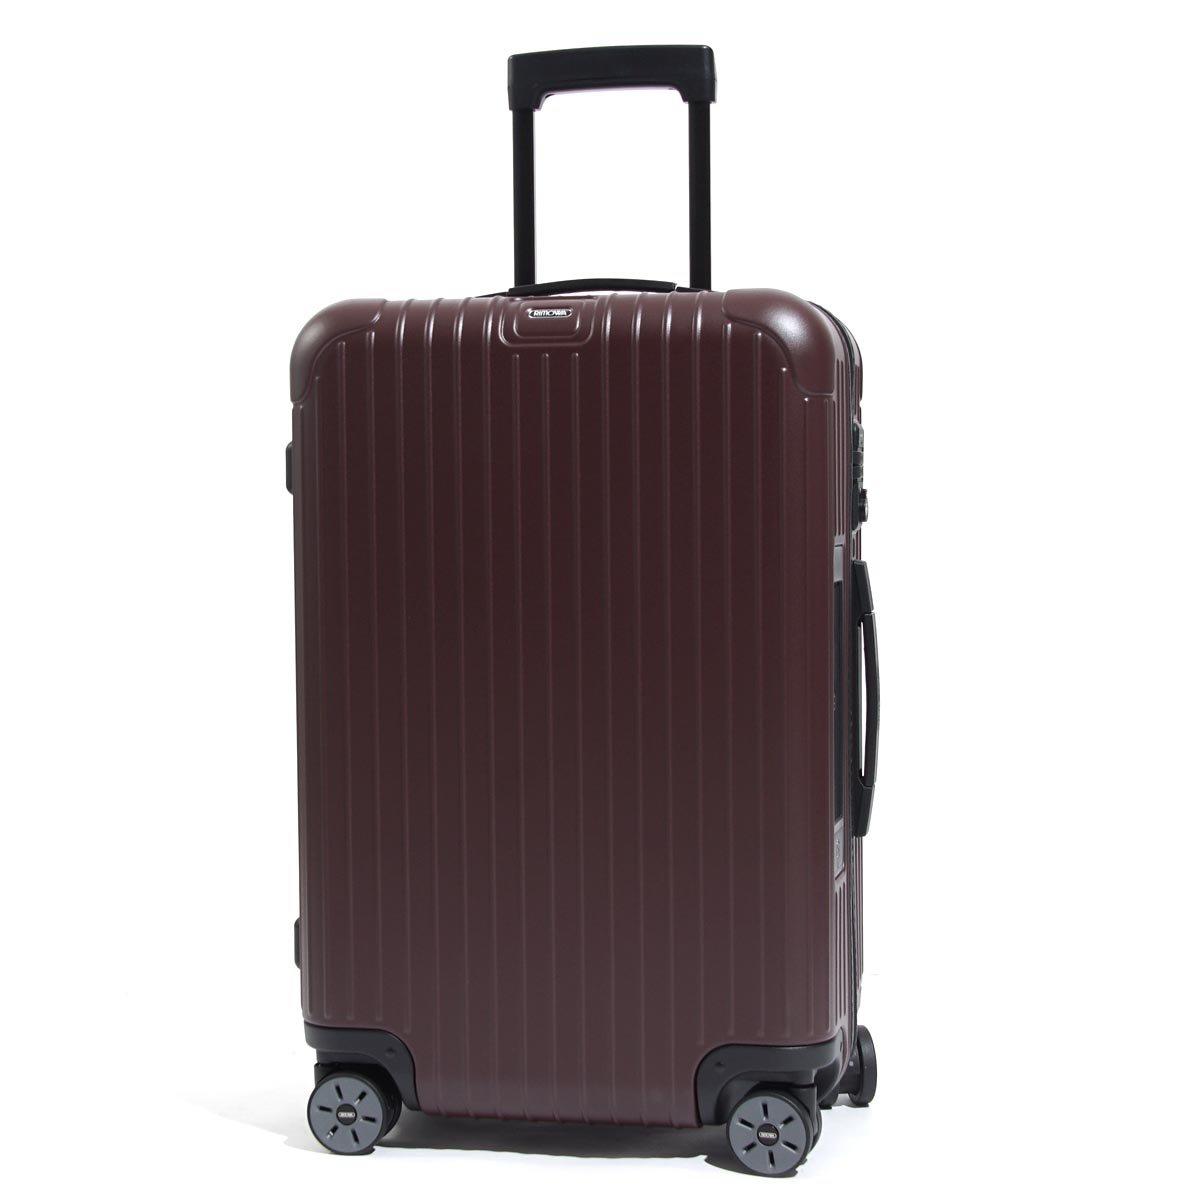 (リモワ) RIMOWA スーツケース 電子タグ仕様 SALSA 63 E-TAG MULTIWHEEL サルサ 63L [並行輸入品]   B07FF4X187